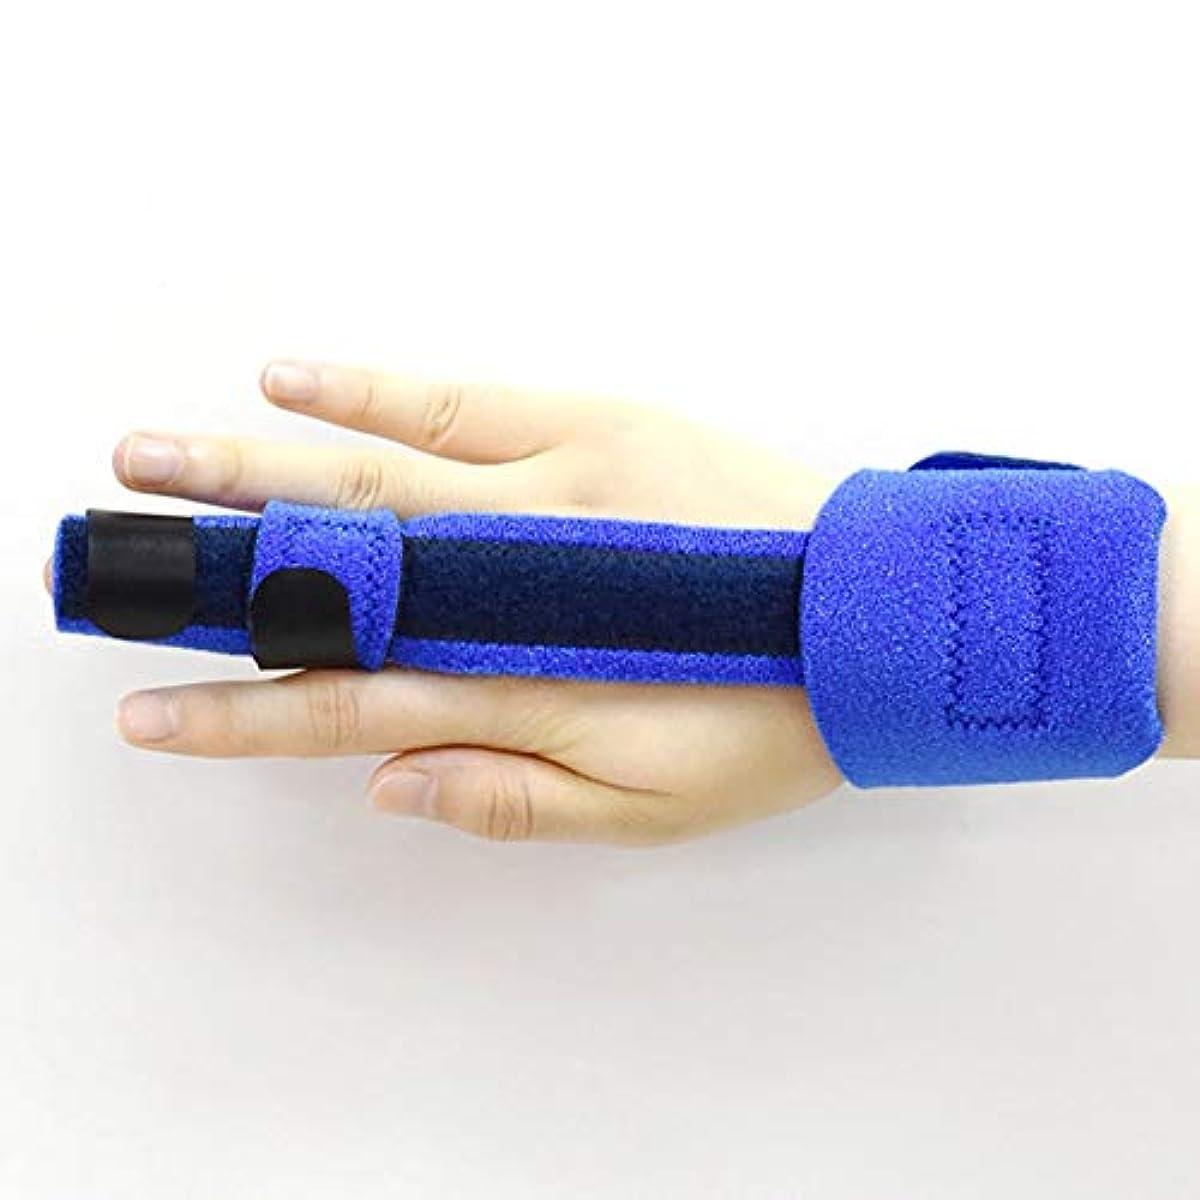 知覚できるソート書士指ストレイテナー無限のサポート可鍛性フィンガースプリント - 壊れたのトリガースプリント、マレットブレースは痛み、指や手首を和らげます